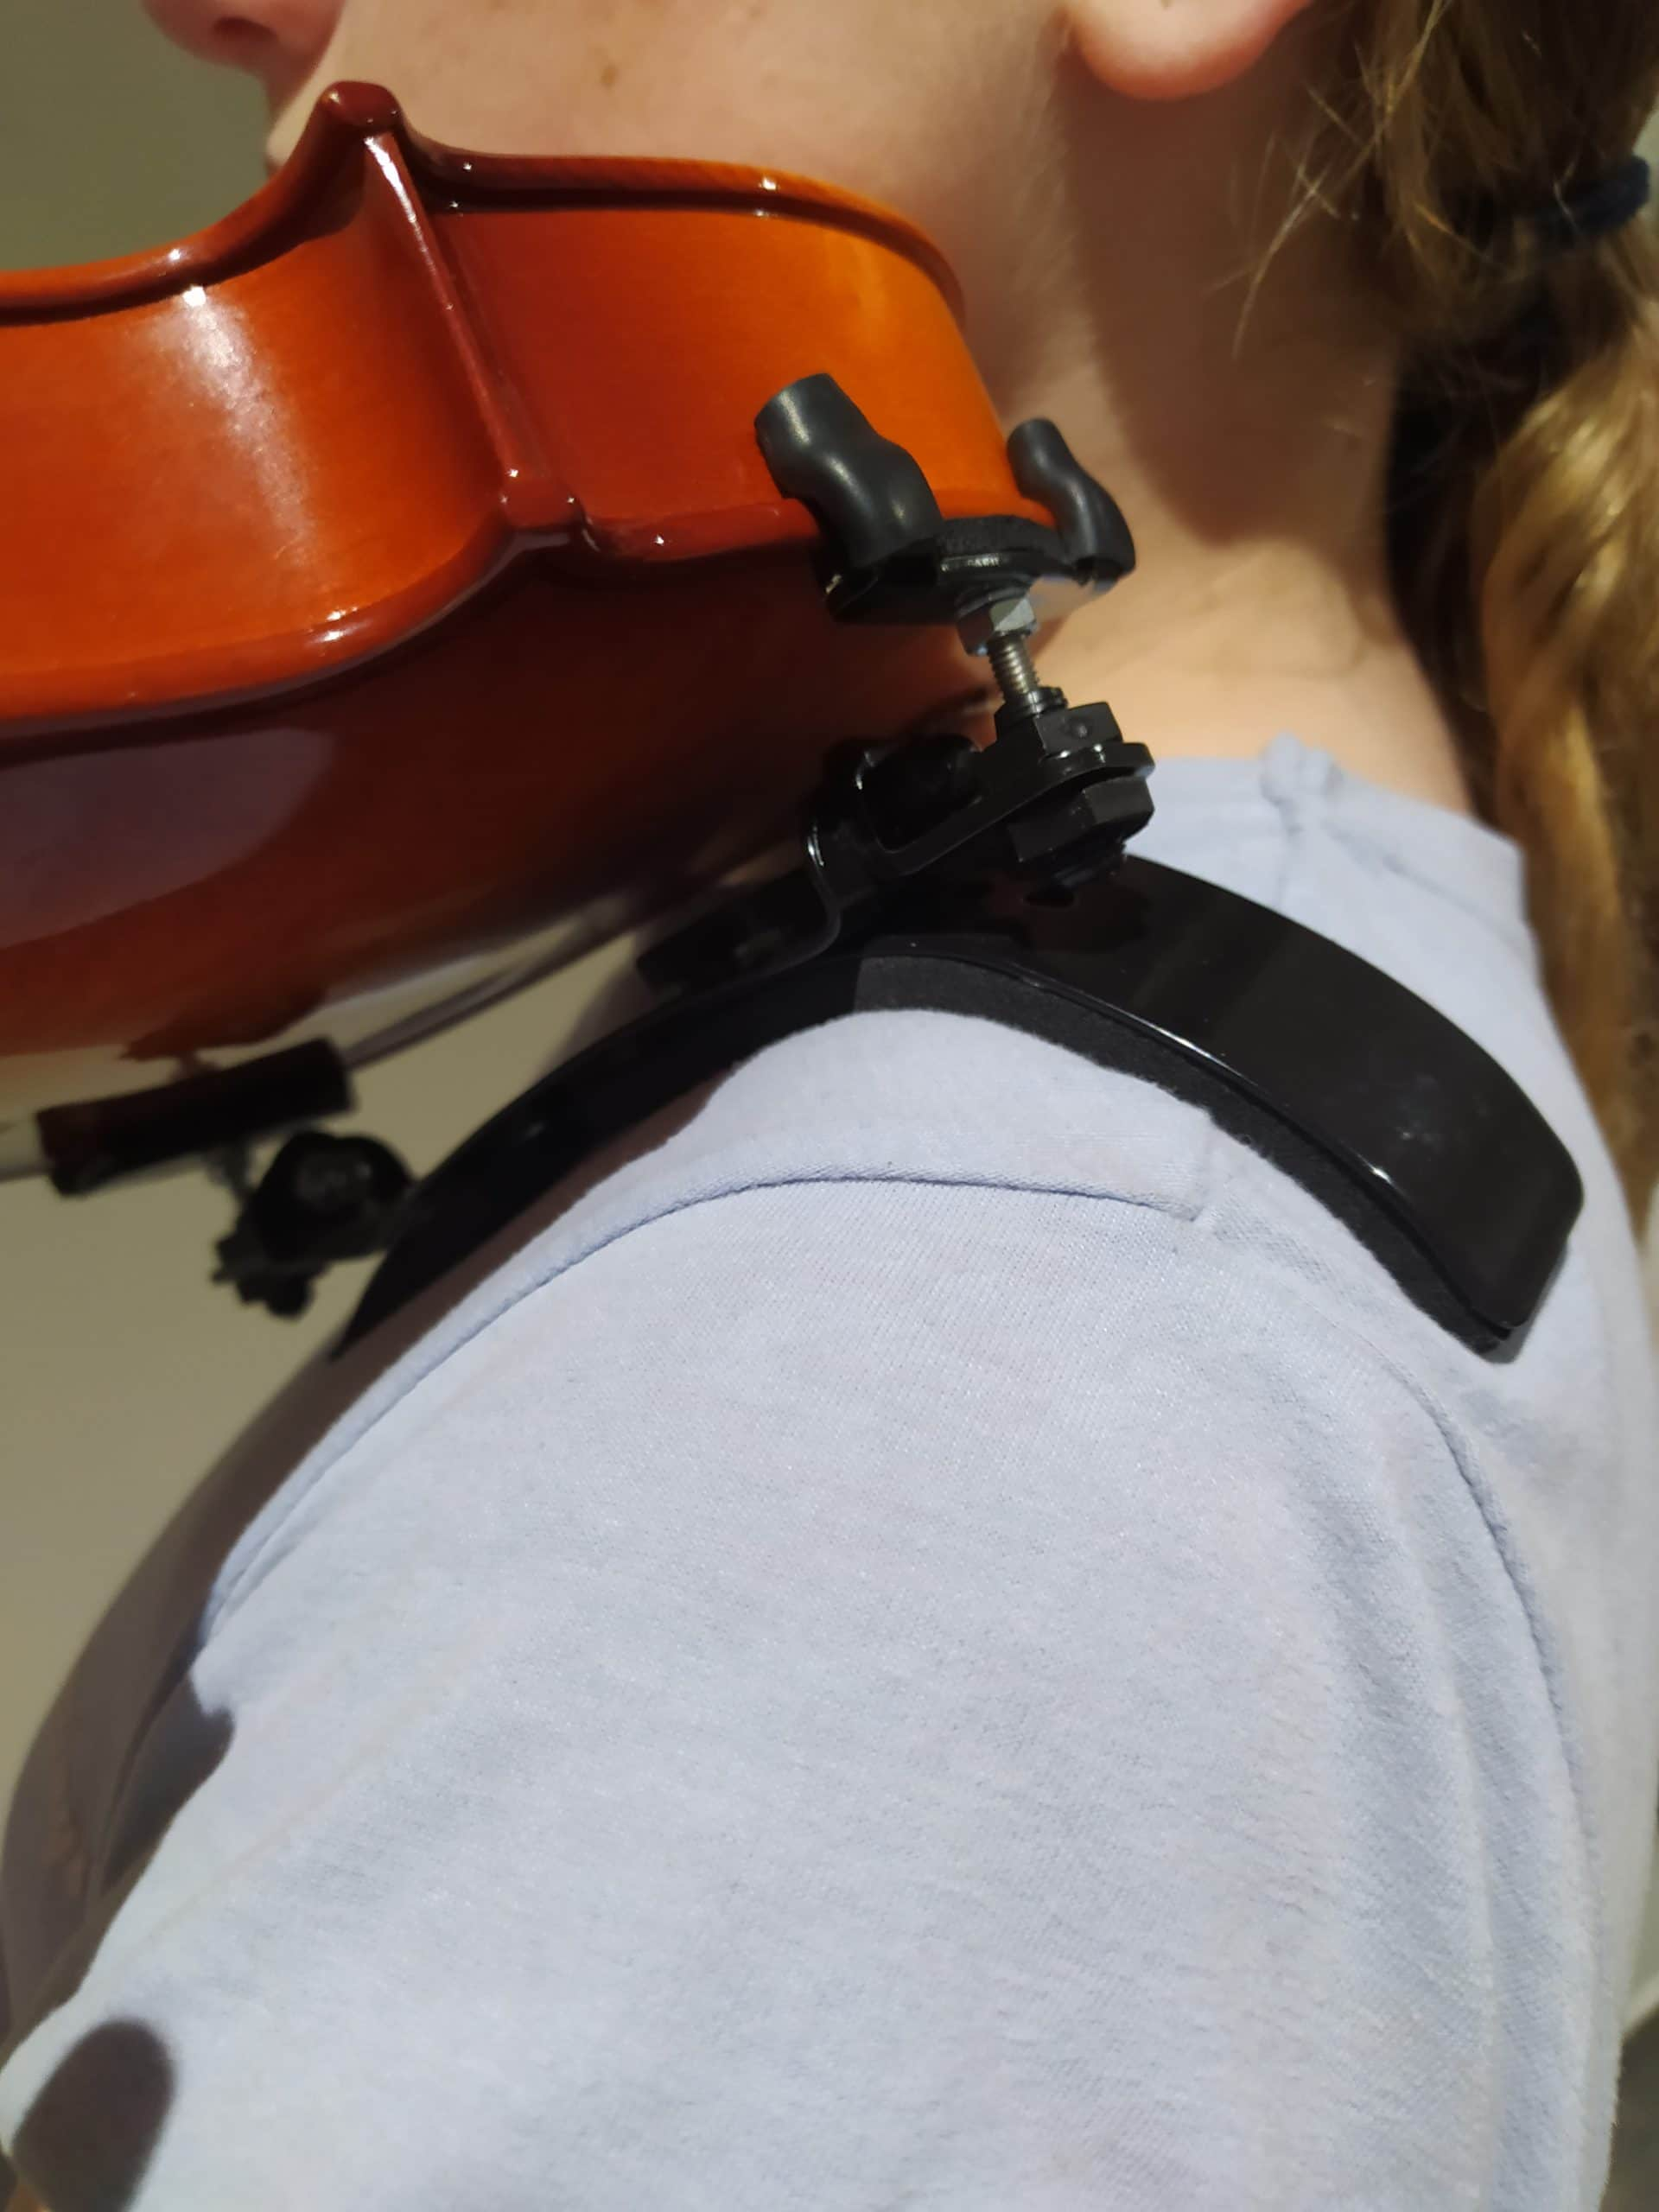 supportive shoulder rest